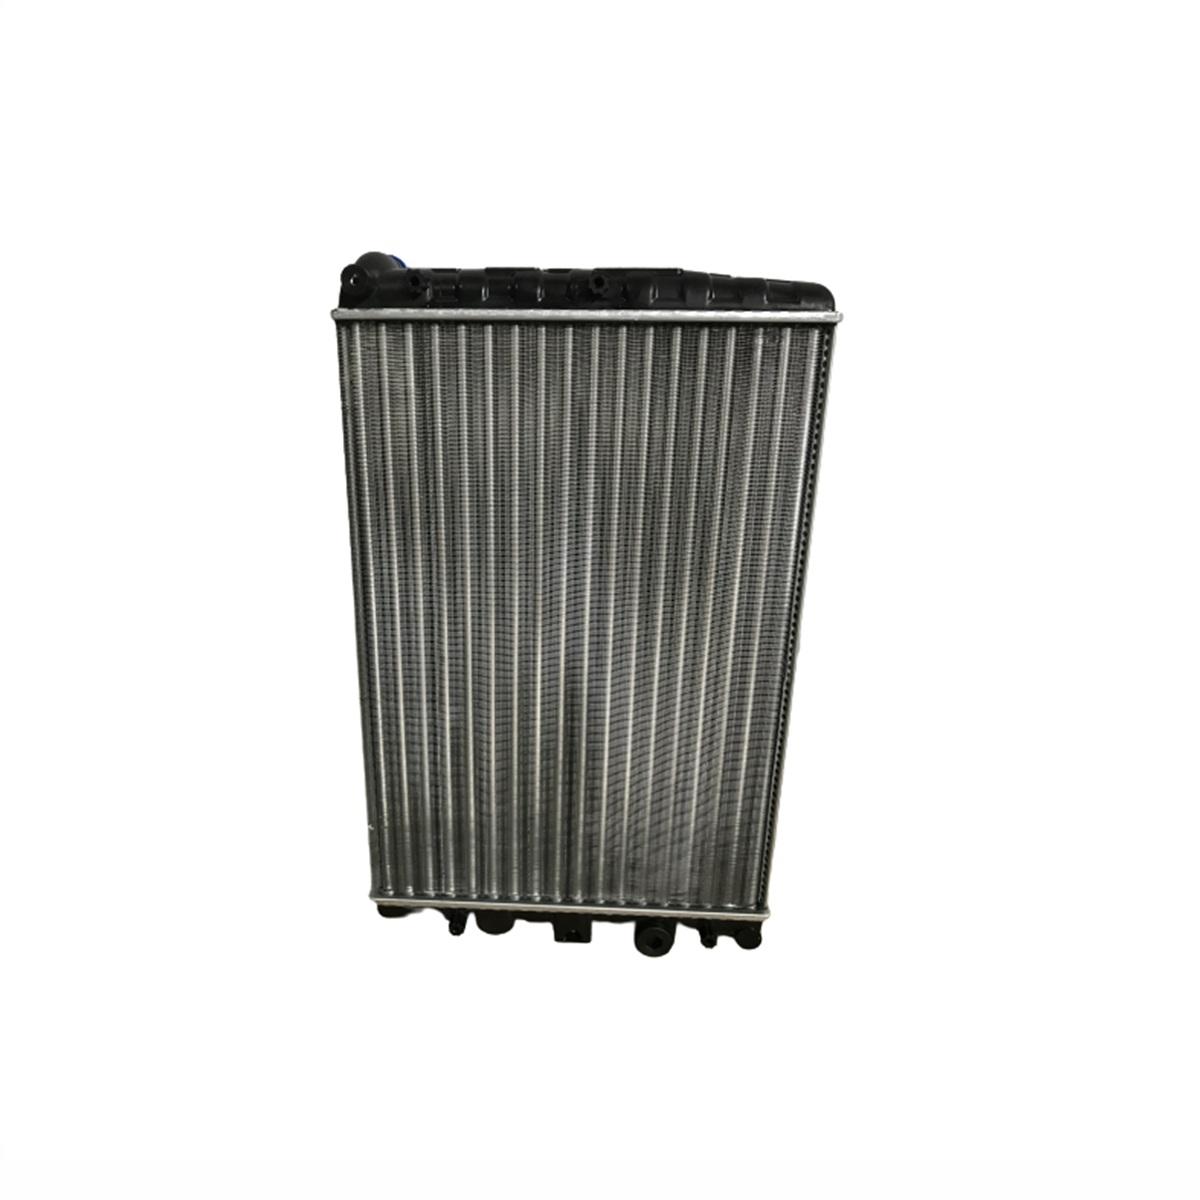 Radiador de Água Gol/Parati/Saveiro 1.0 8V/16V 97-08 G2 G3 G4 C/AR C/TM